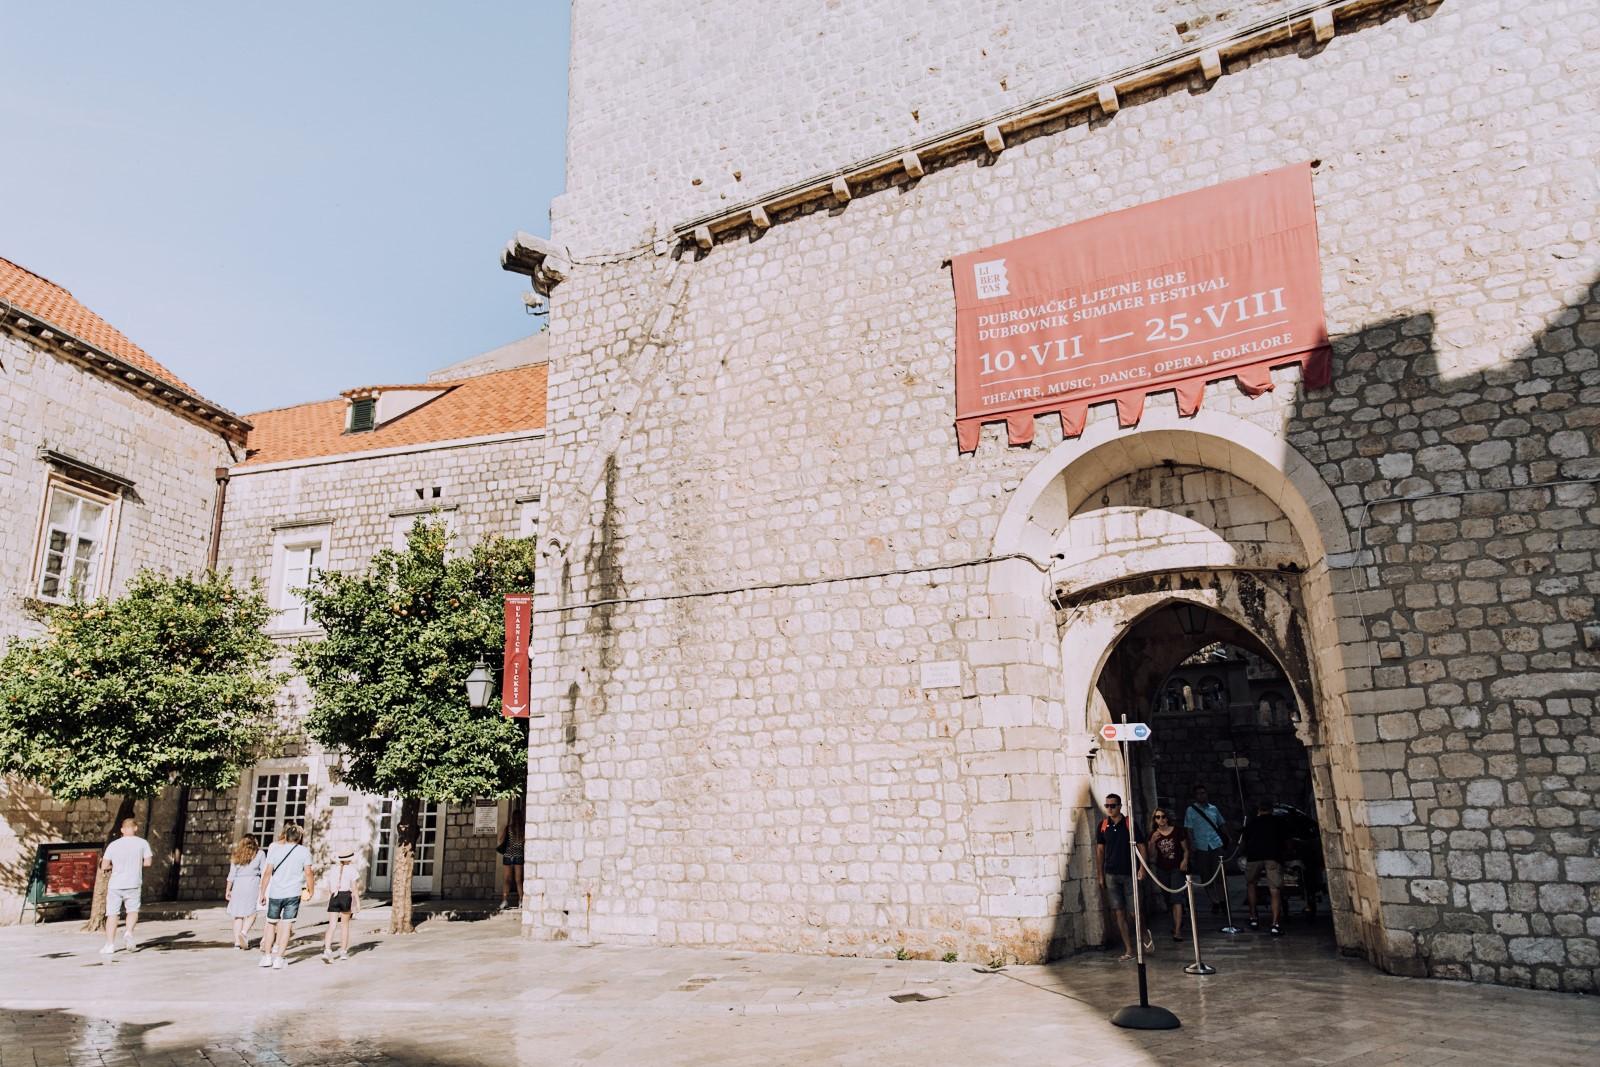 Pile Gate Entrance in Dubrovnik